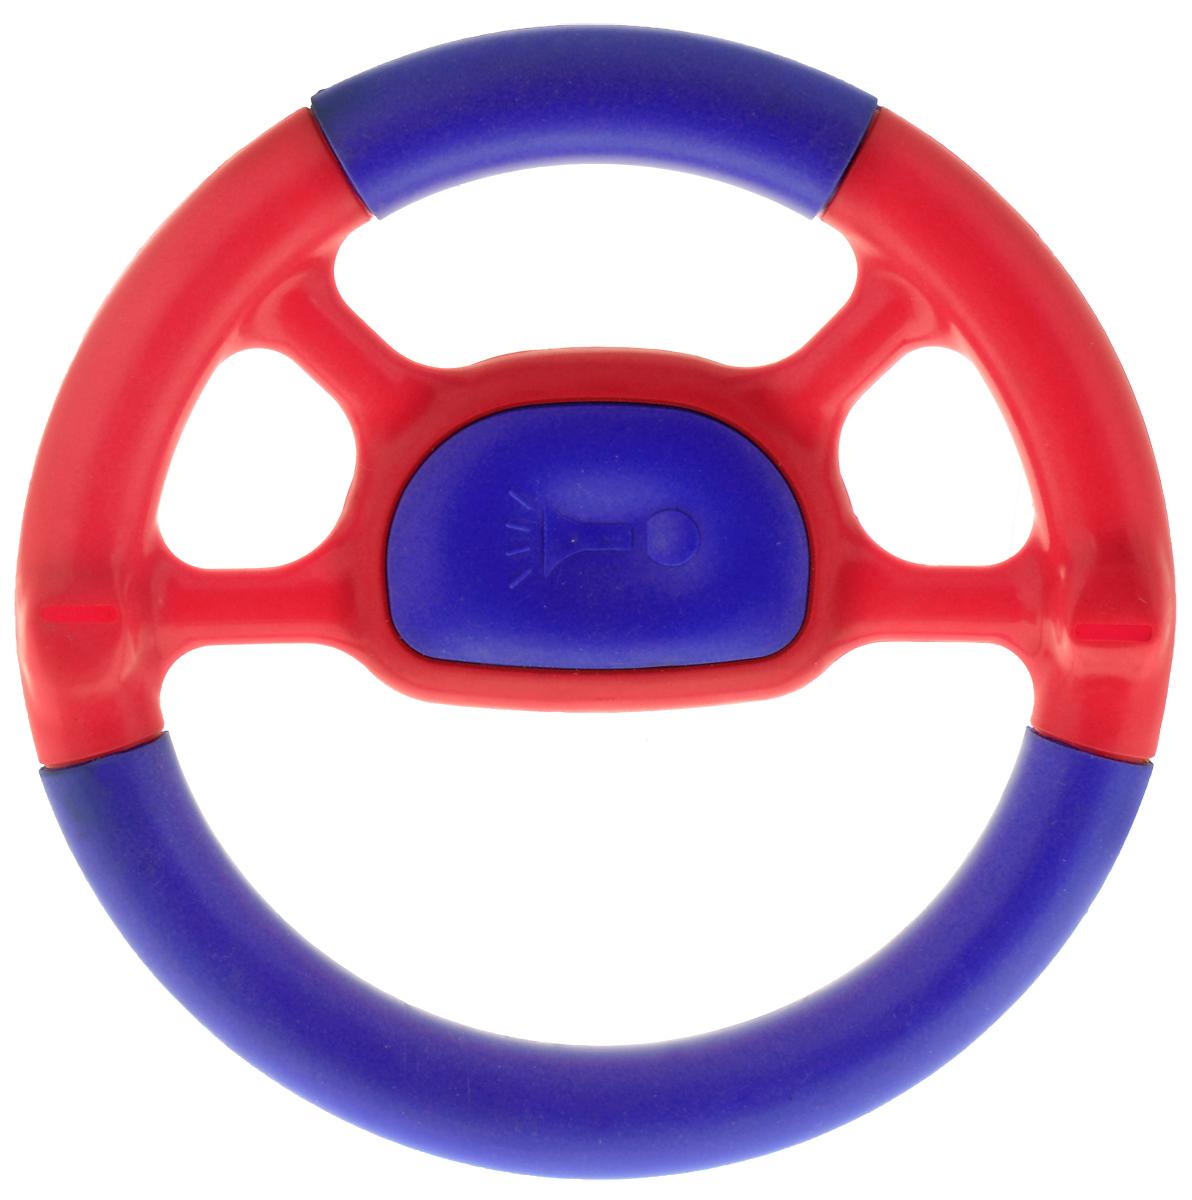 Игрушка для собак Camon Диск-Руль Frisbee, цвет: красный, синий, диаметр 22 см игрушка головоломка для собак i p t s fanatic диаметр 22 см